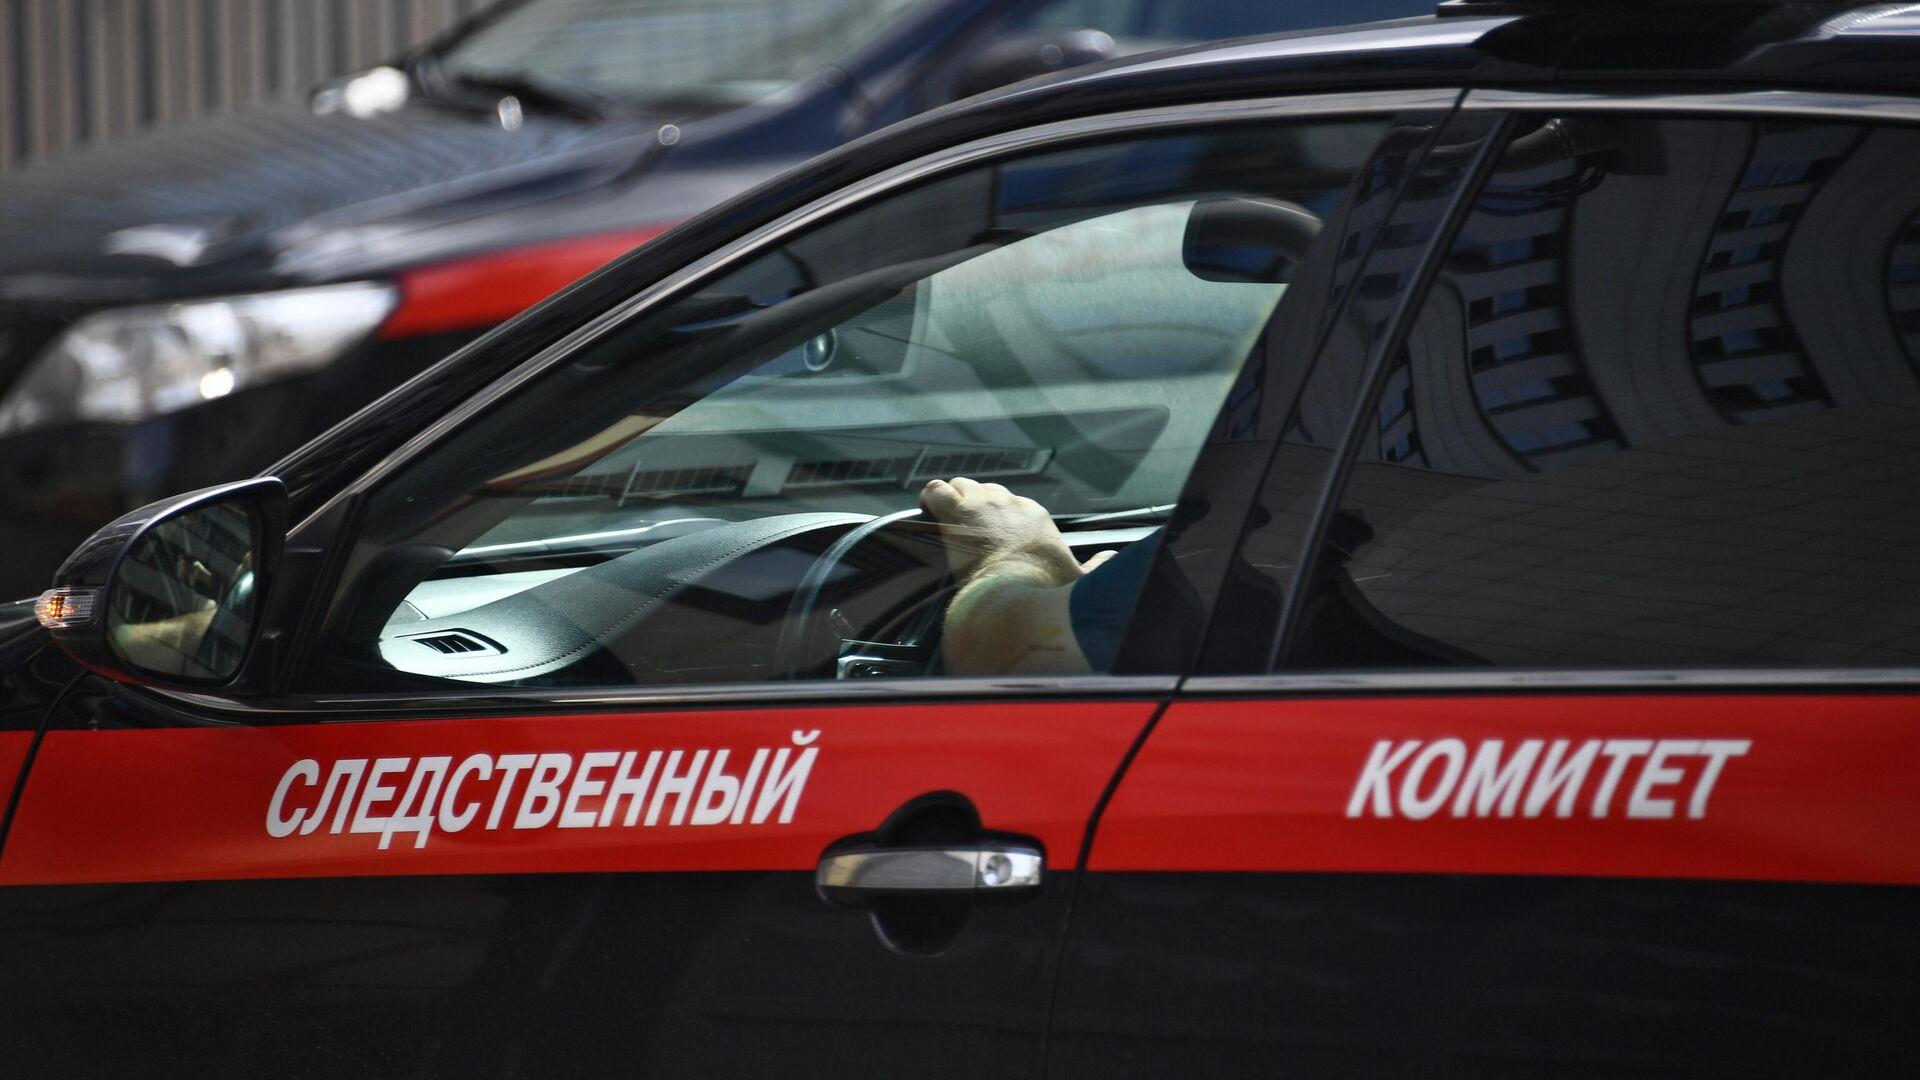 Автомобиль Следственного комитета РФ - РИА Новости, 1920, 15.09.2021